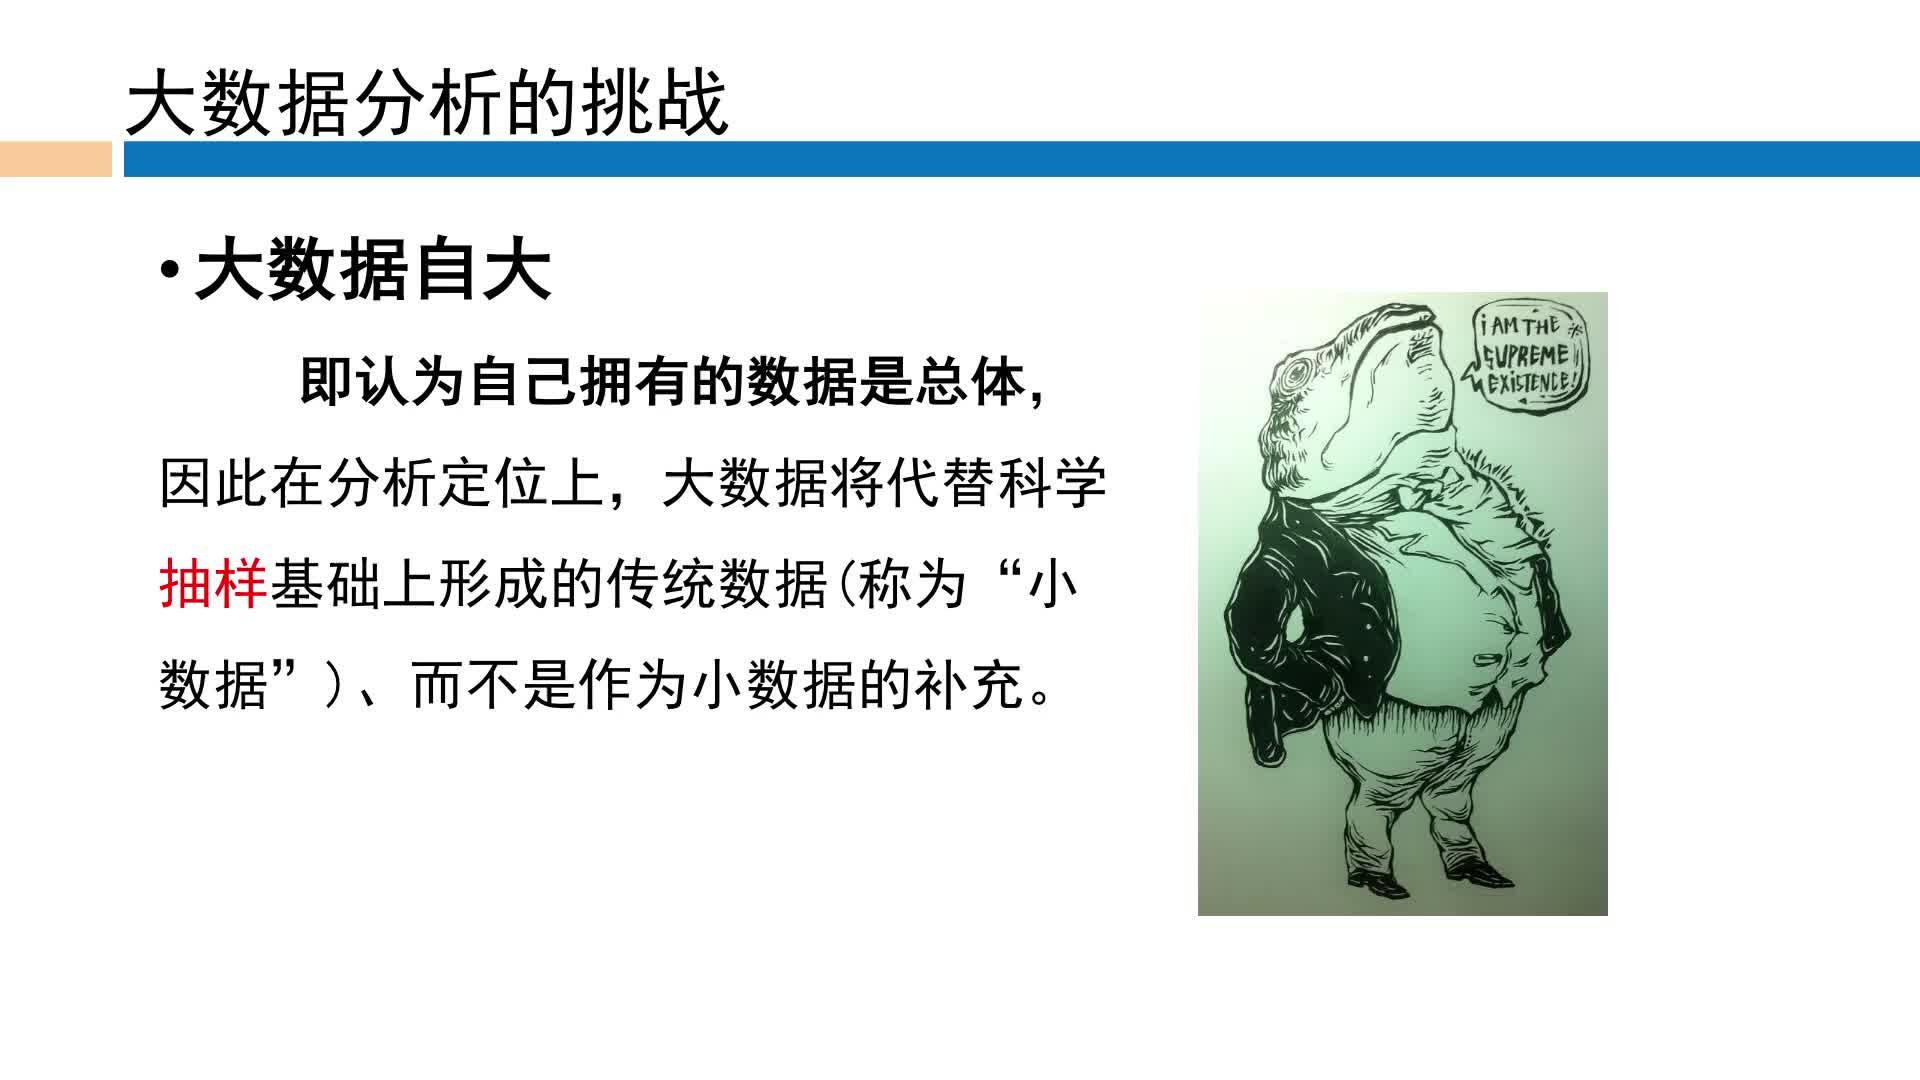 北京理工大学慕课——金福生:大数据分析的挑战